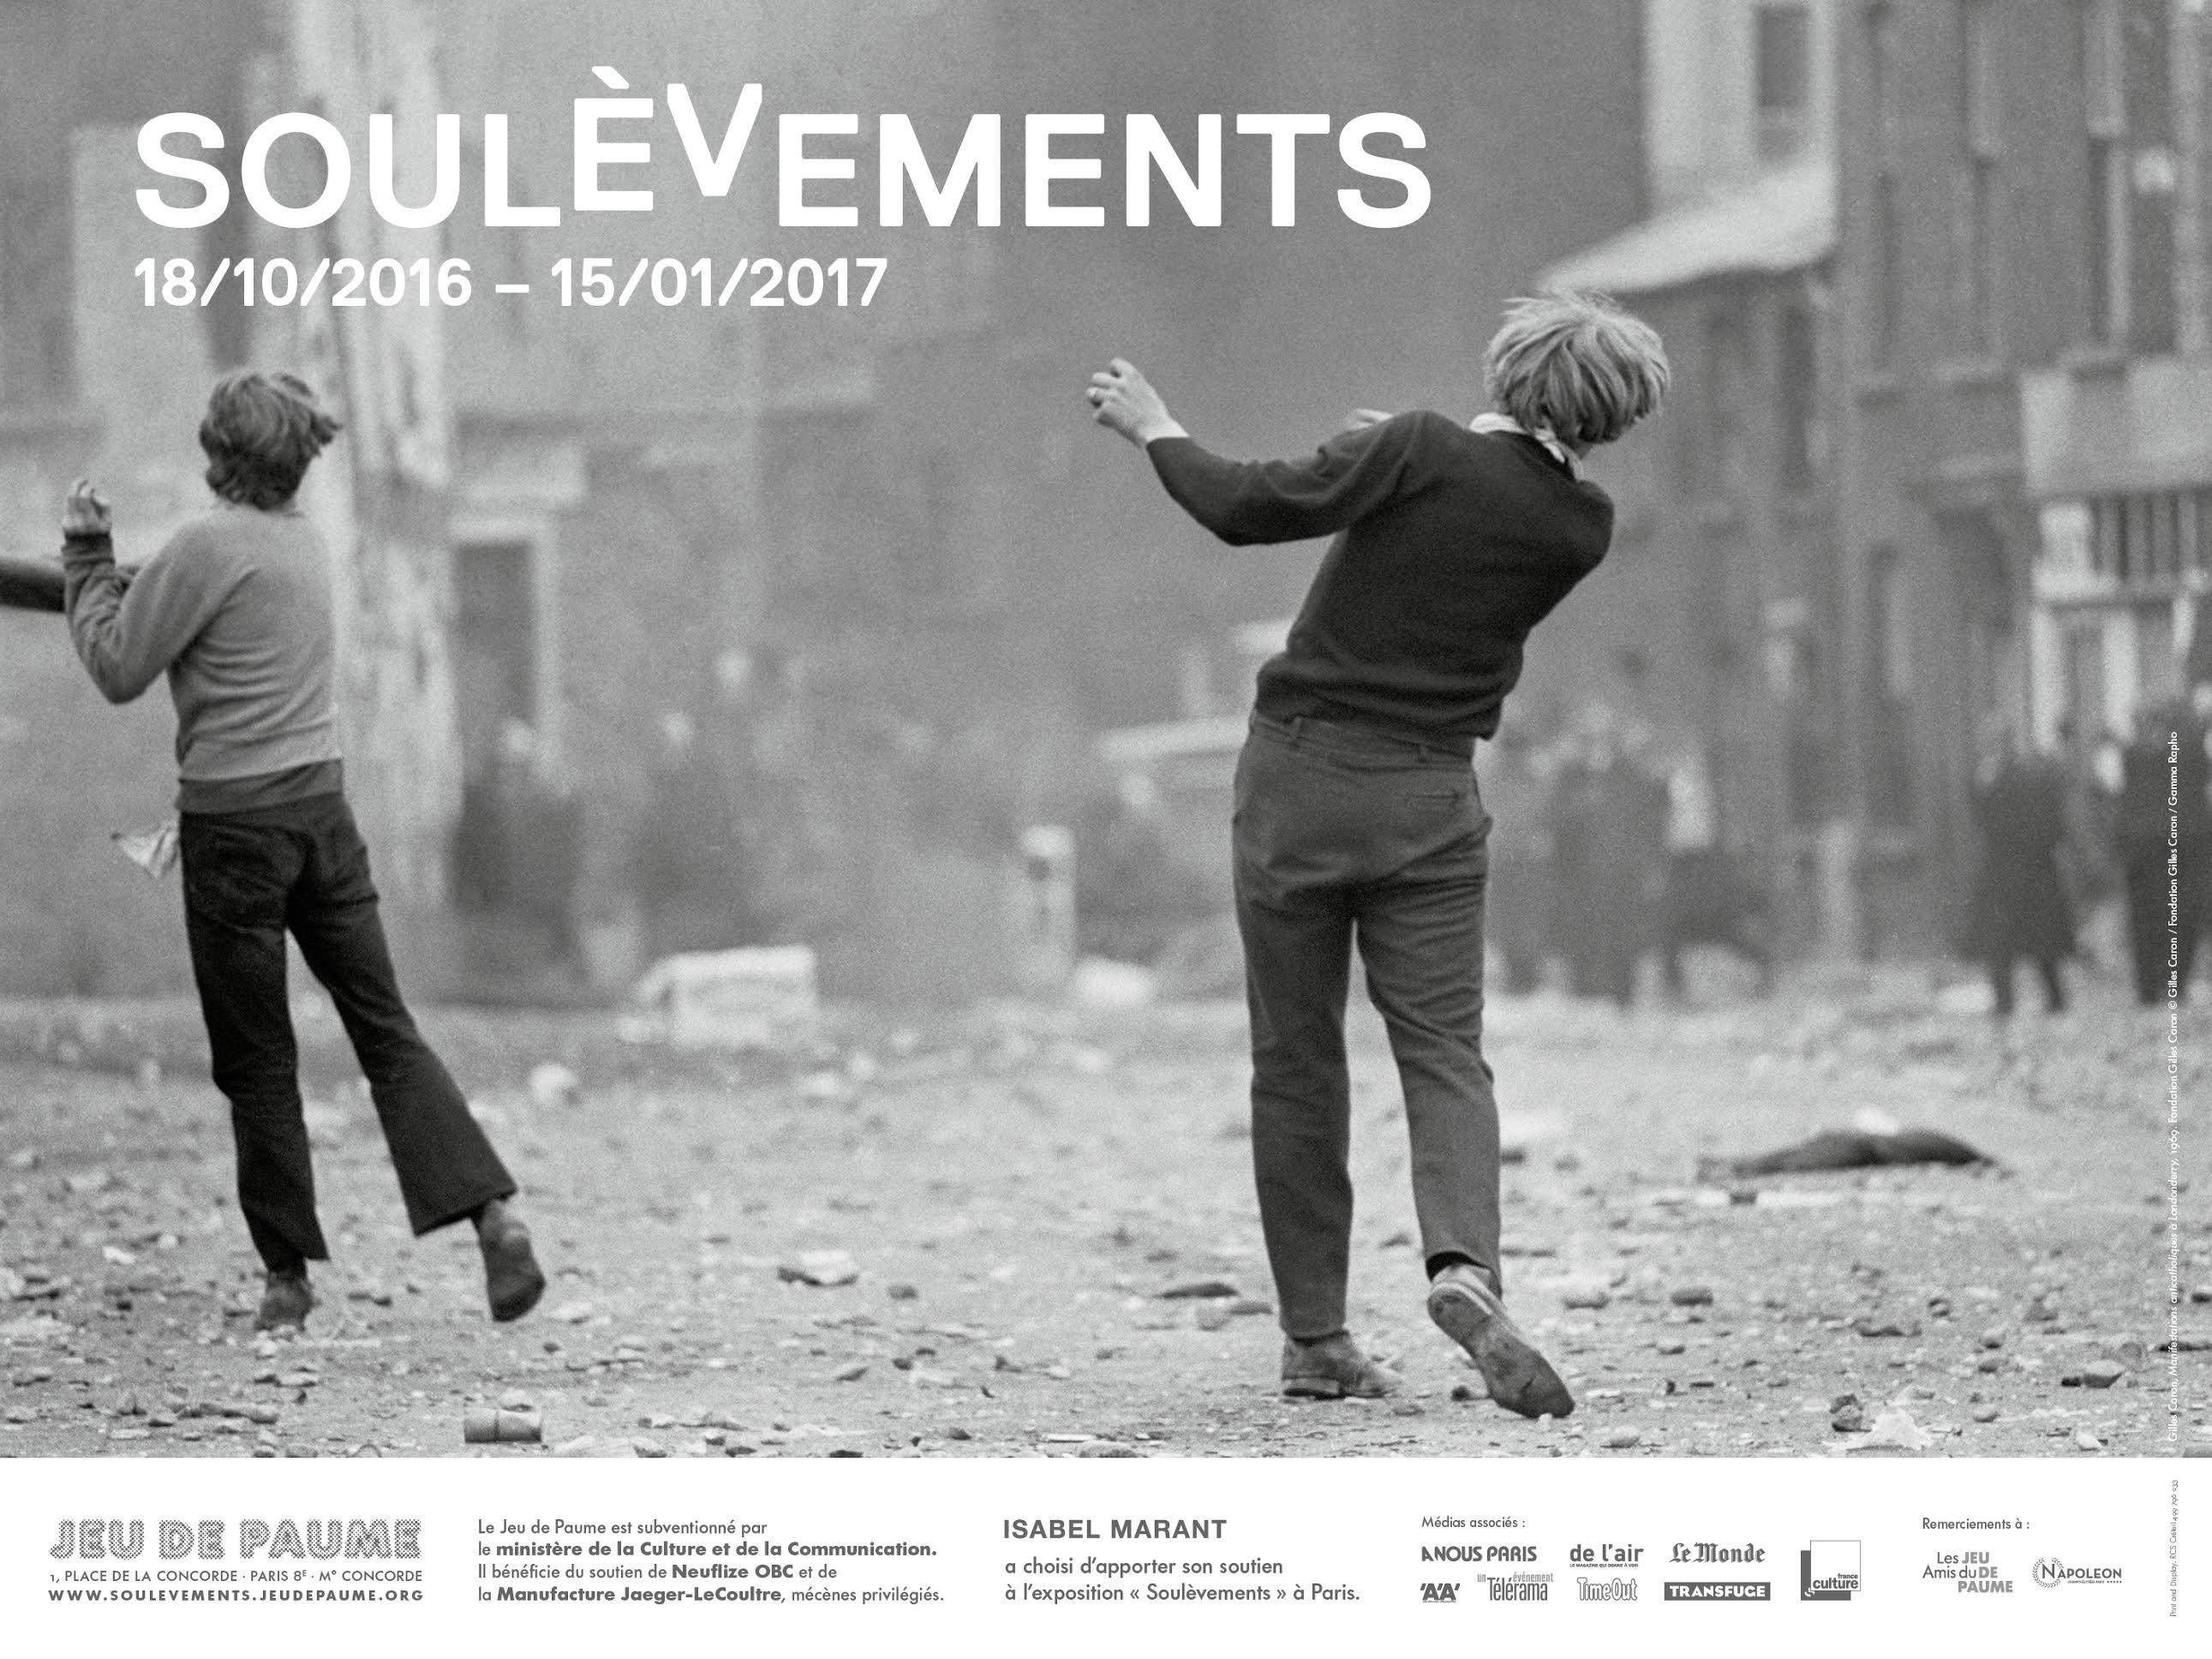 Poster for the exhibition Soulèvements at Jeu de Paume, Paris, image: Gilles Caron, Manifestants catholiques, Bataille du Bogside, Derry, 1969